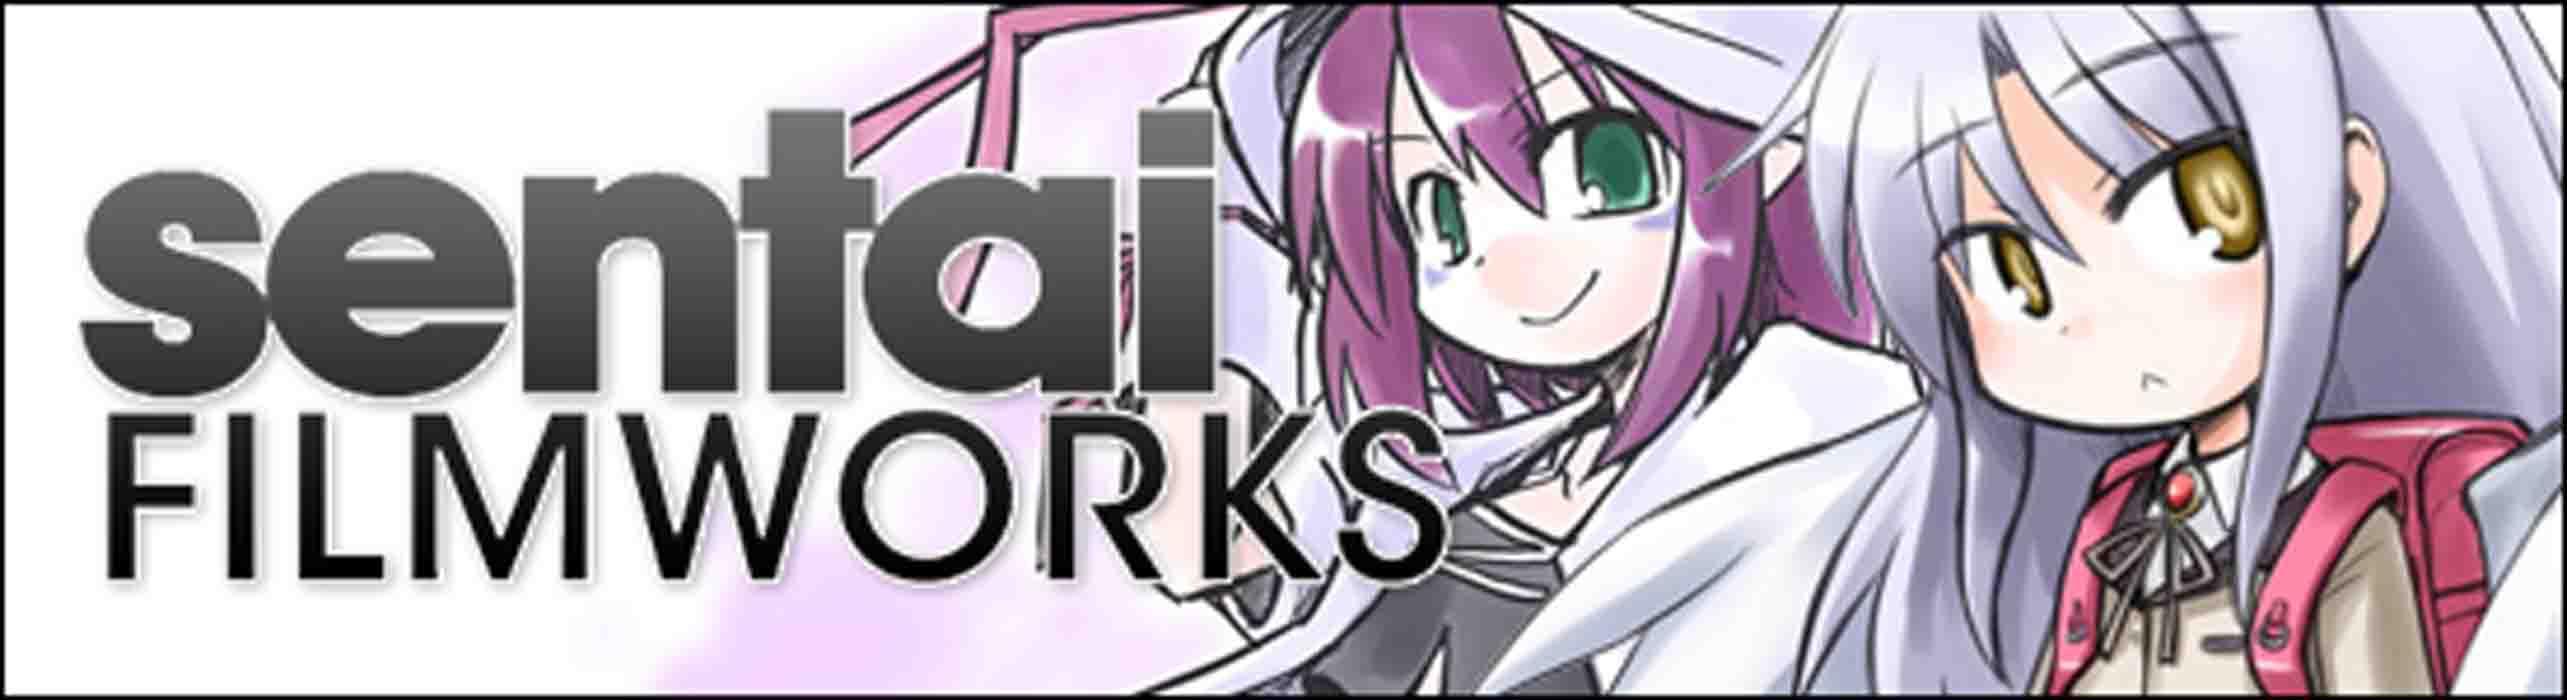 Sentai Filmworks